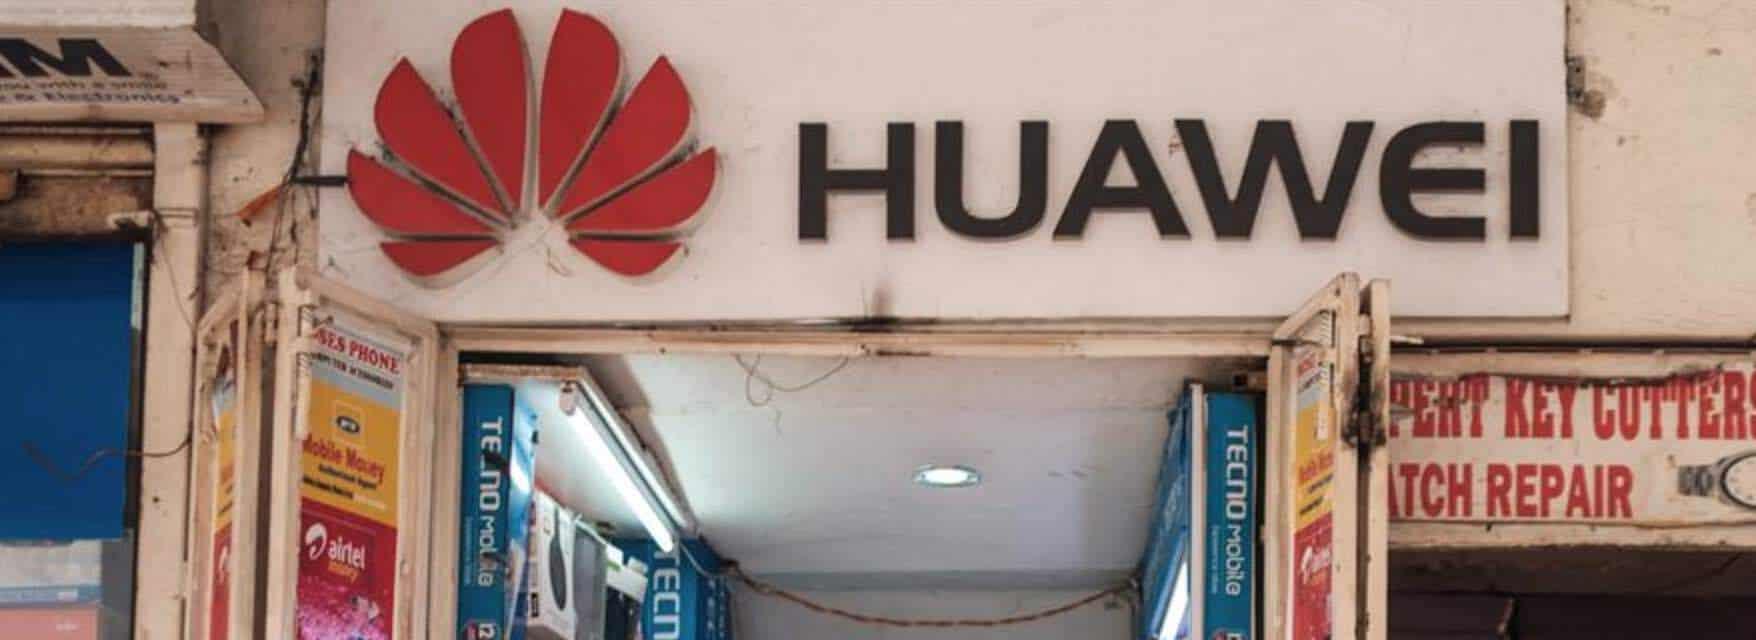 Balding získal 25 000 životopisů náležících zaměstnancům Huawei